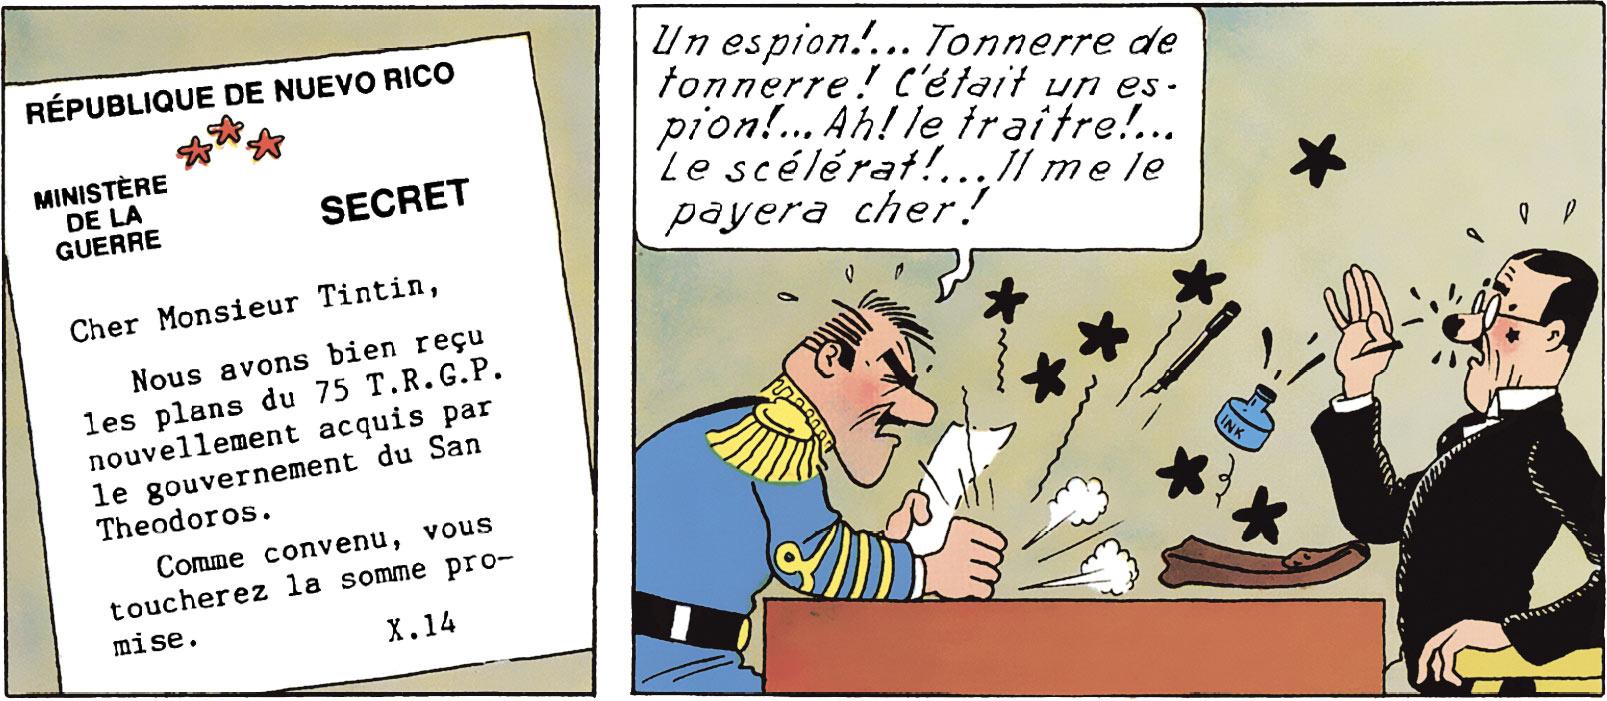 Le général Alcazar pense que Tintin est un espion